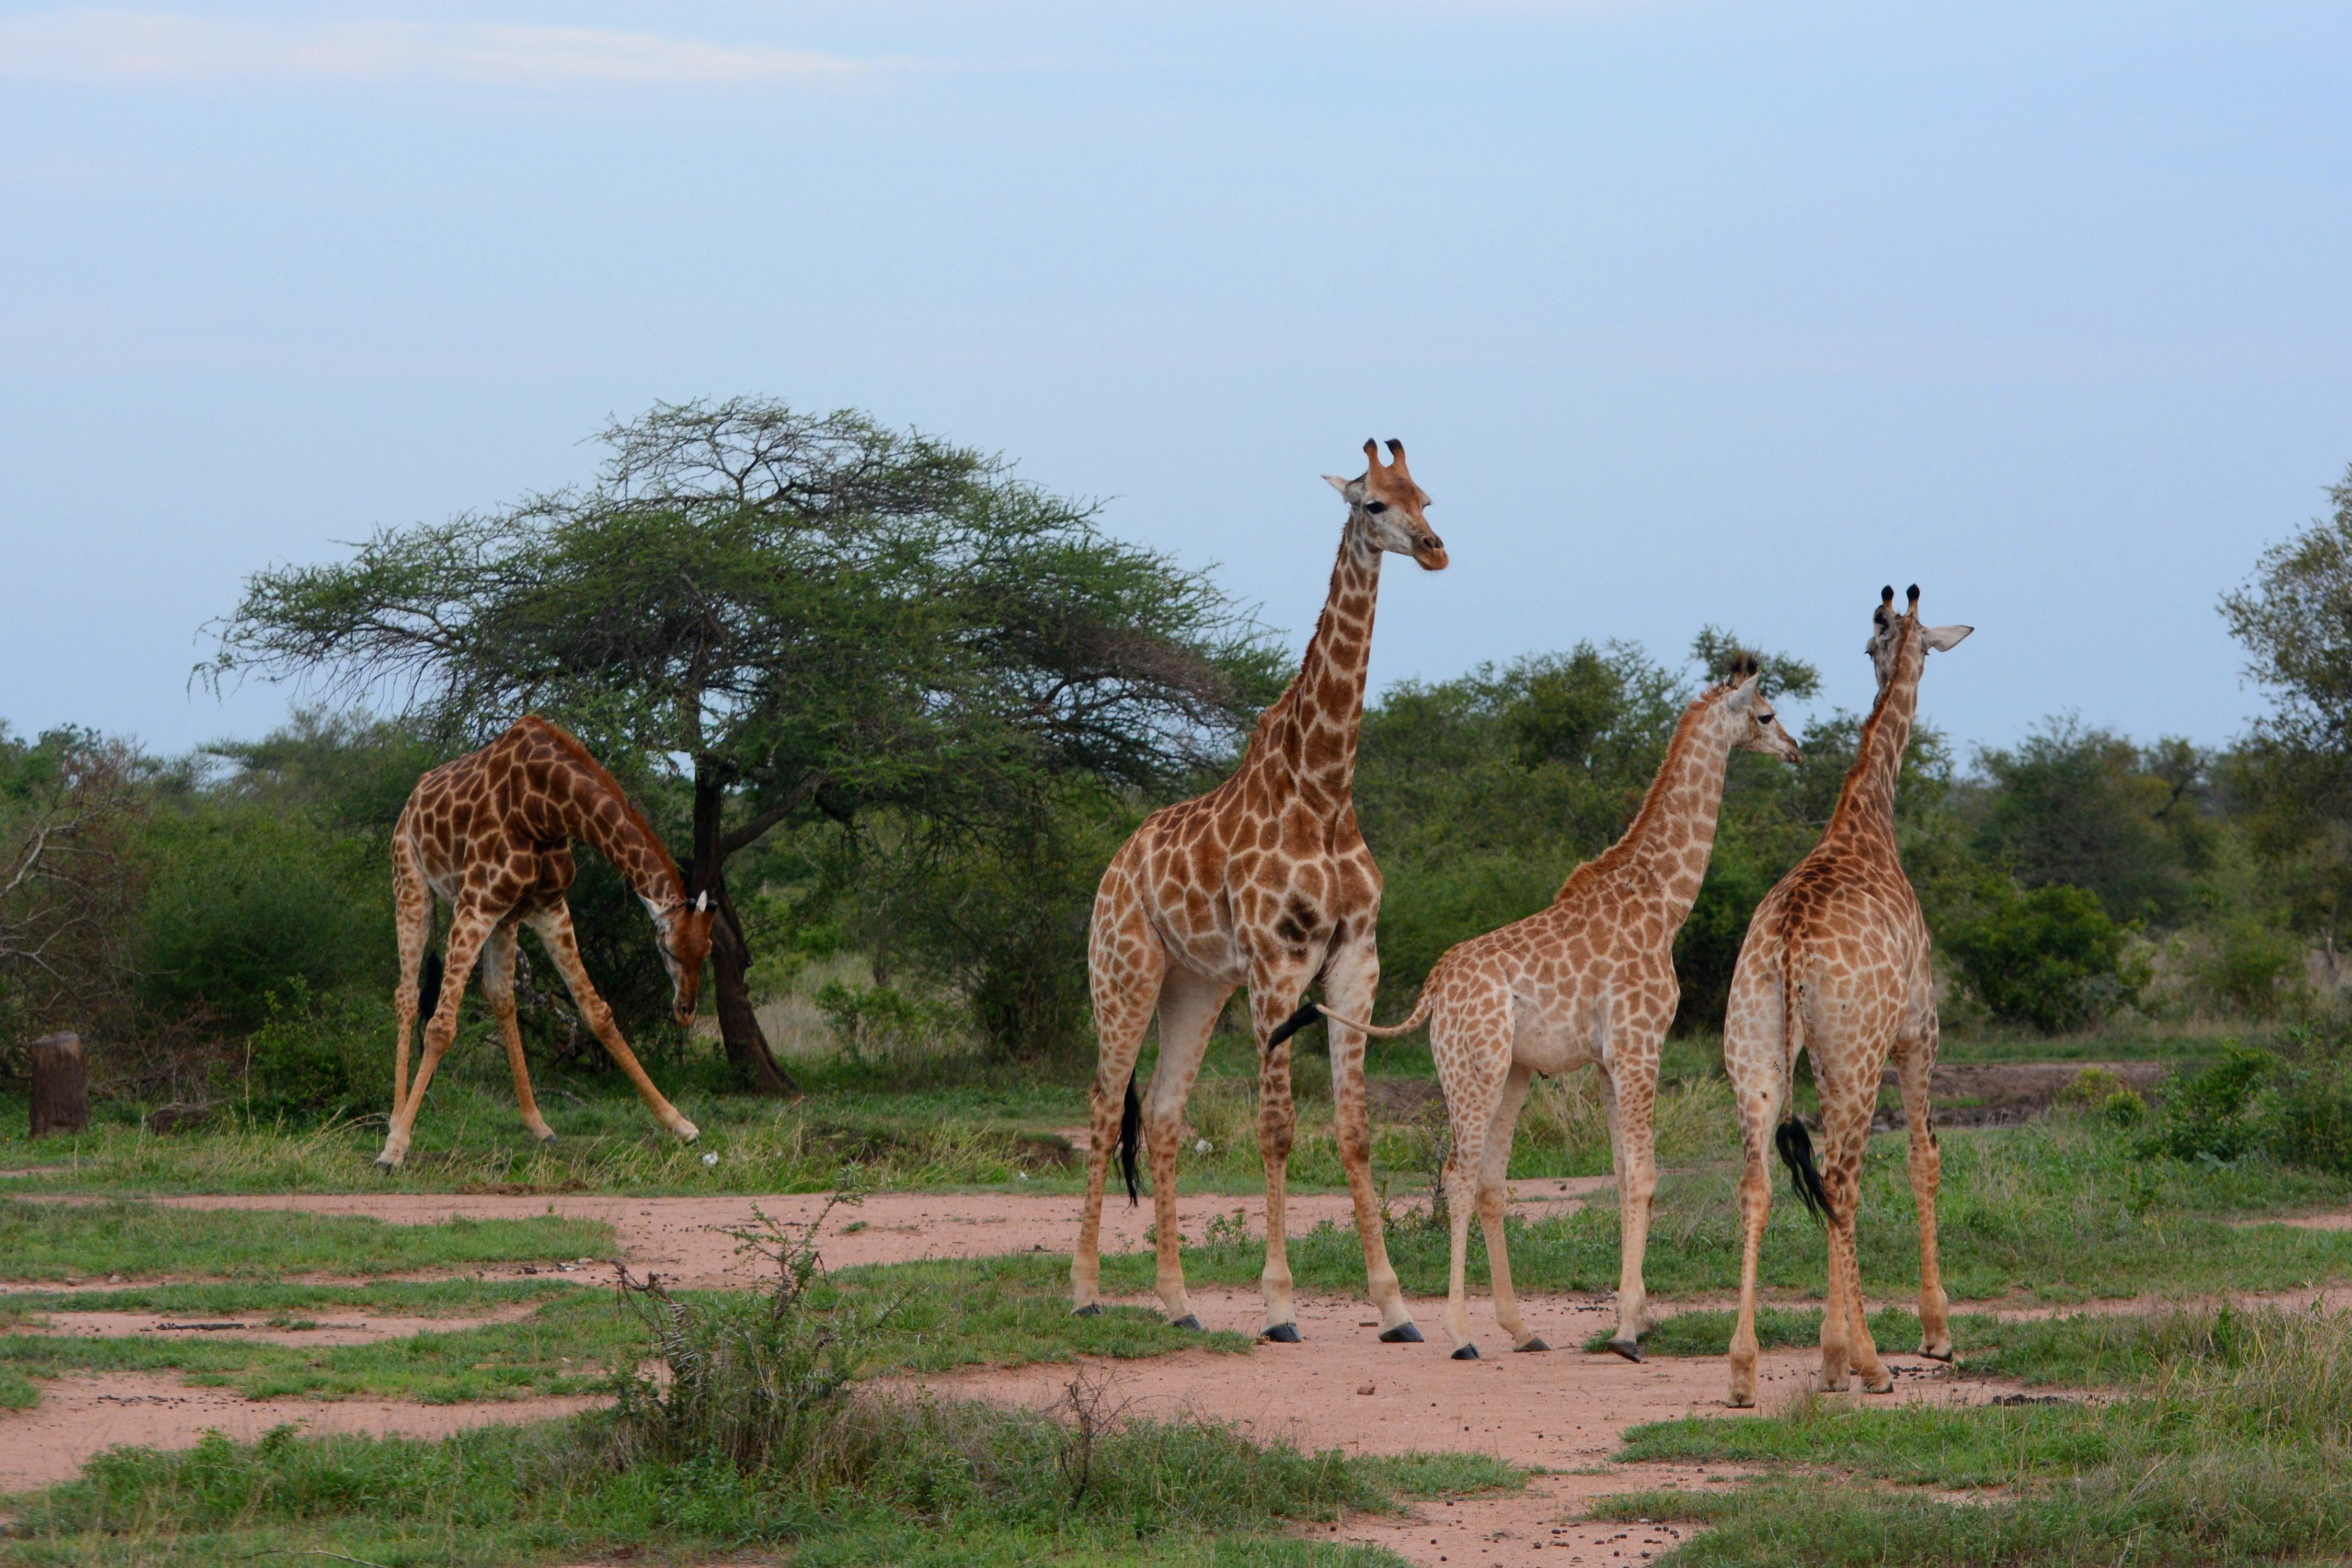 giraffes_in_kruger_national_park_02